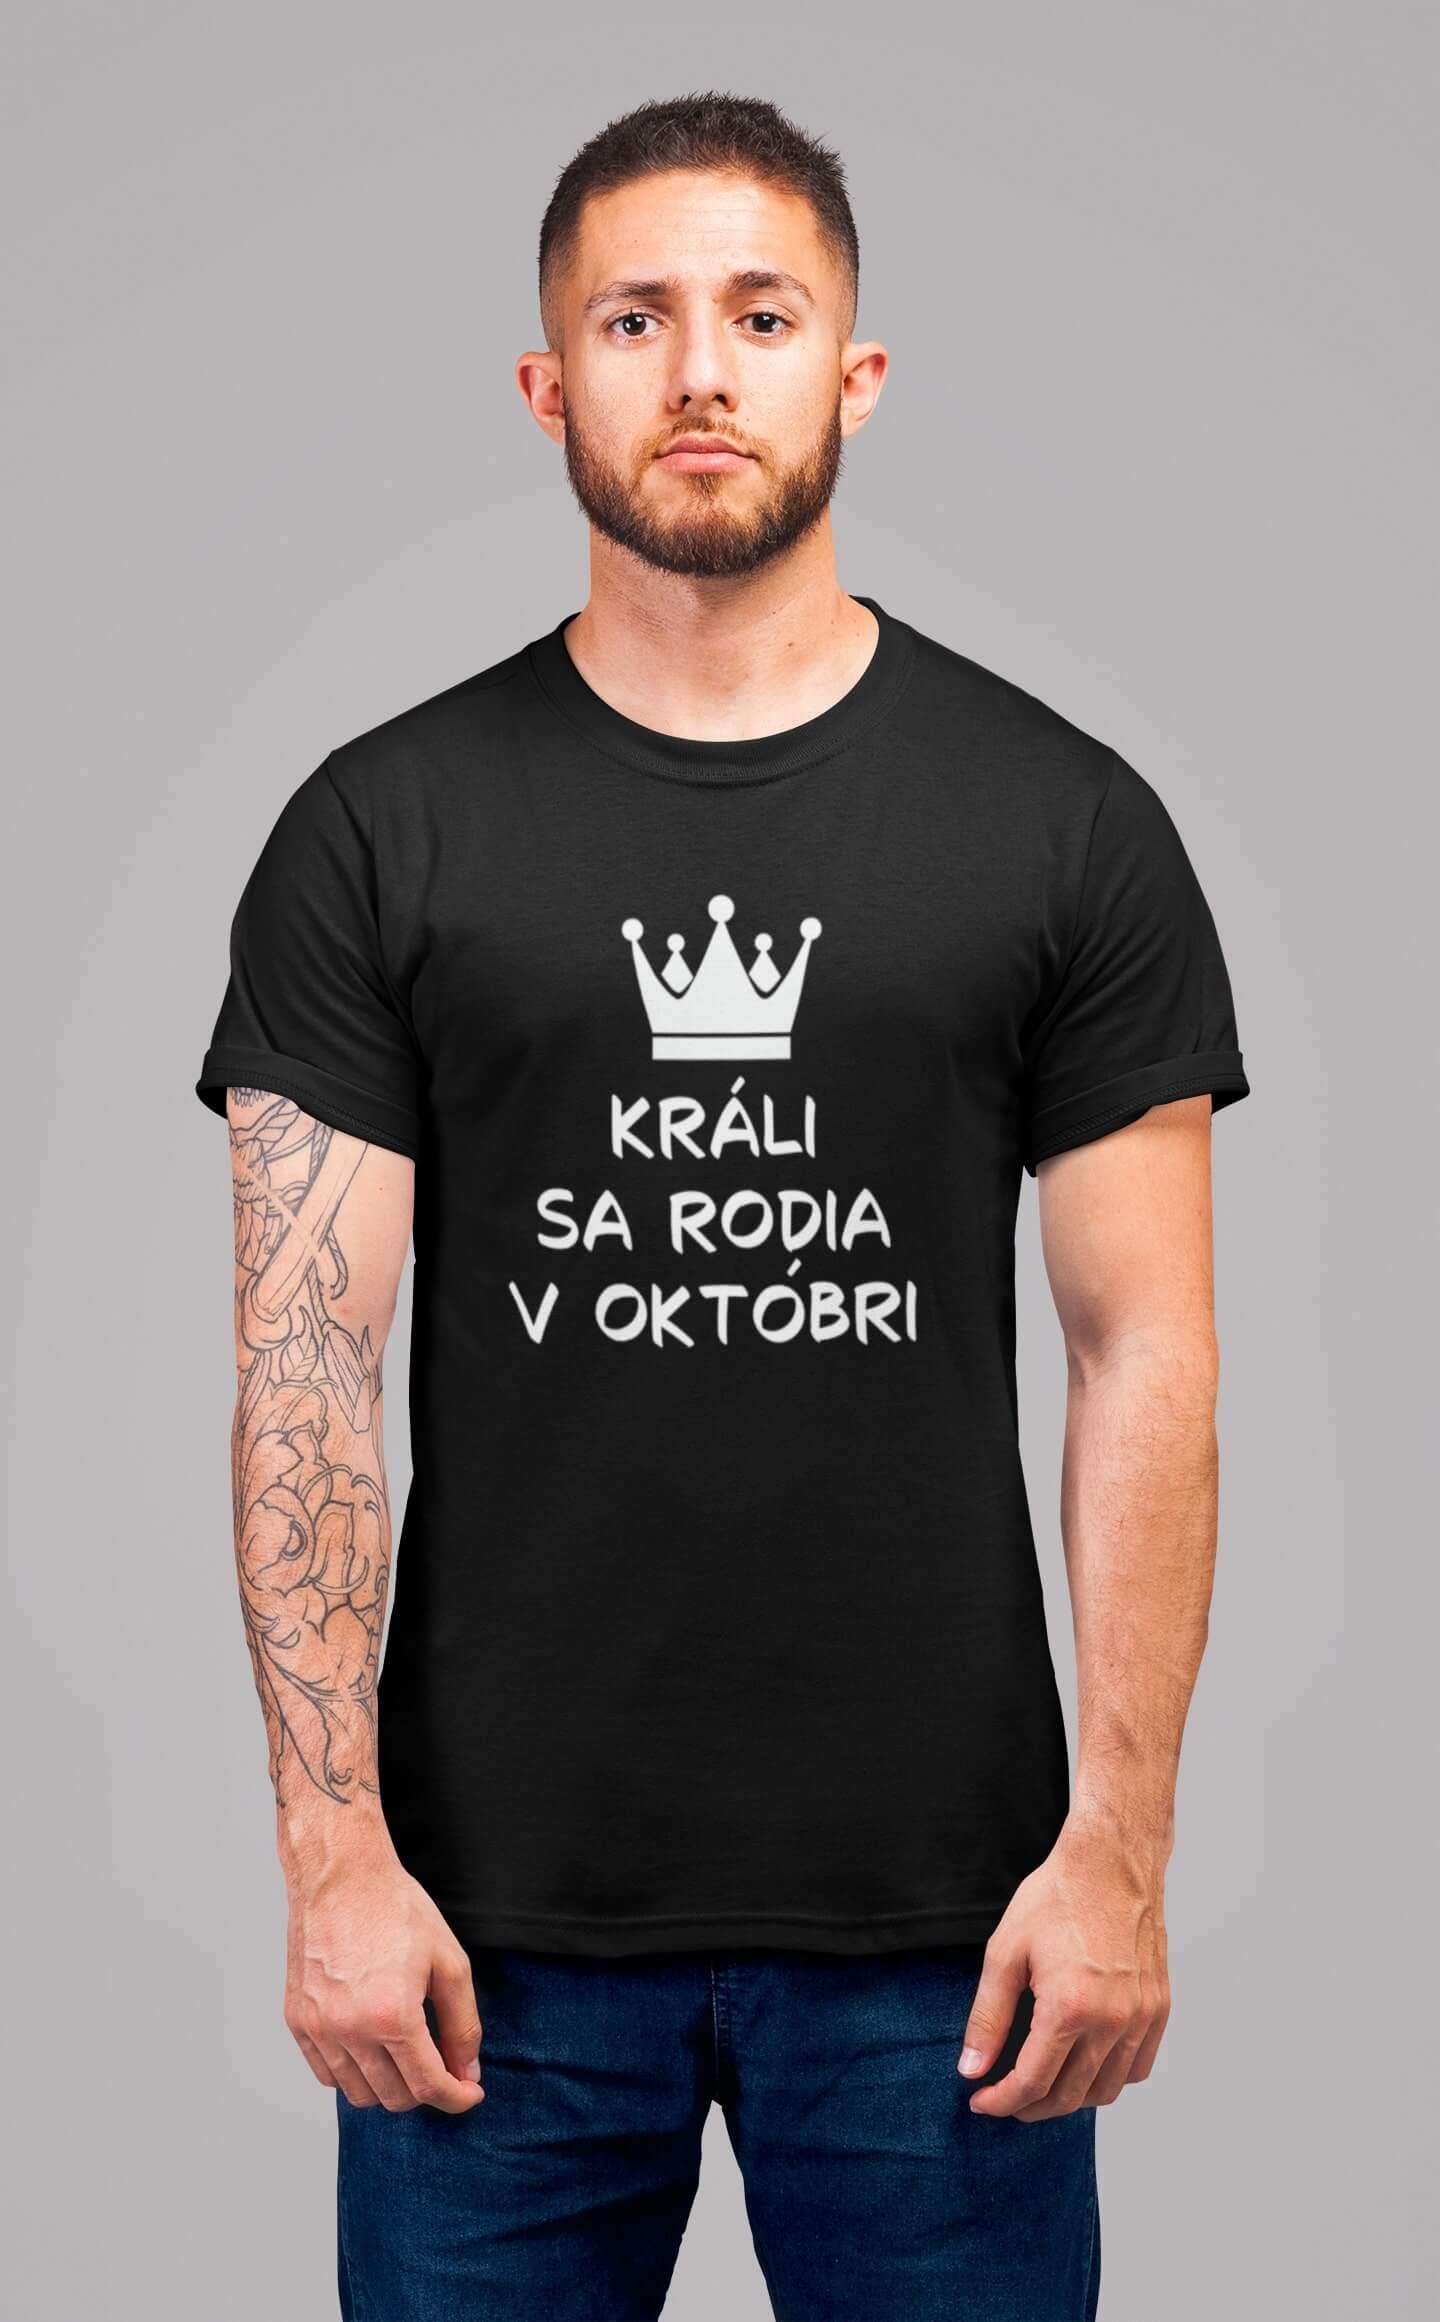 MMO Pánske tričko Králi sa rodia v októbri Vyberte farbu: Čierna, Vyberte veľkosť: L